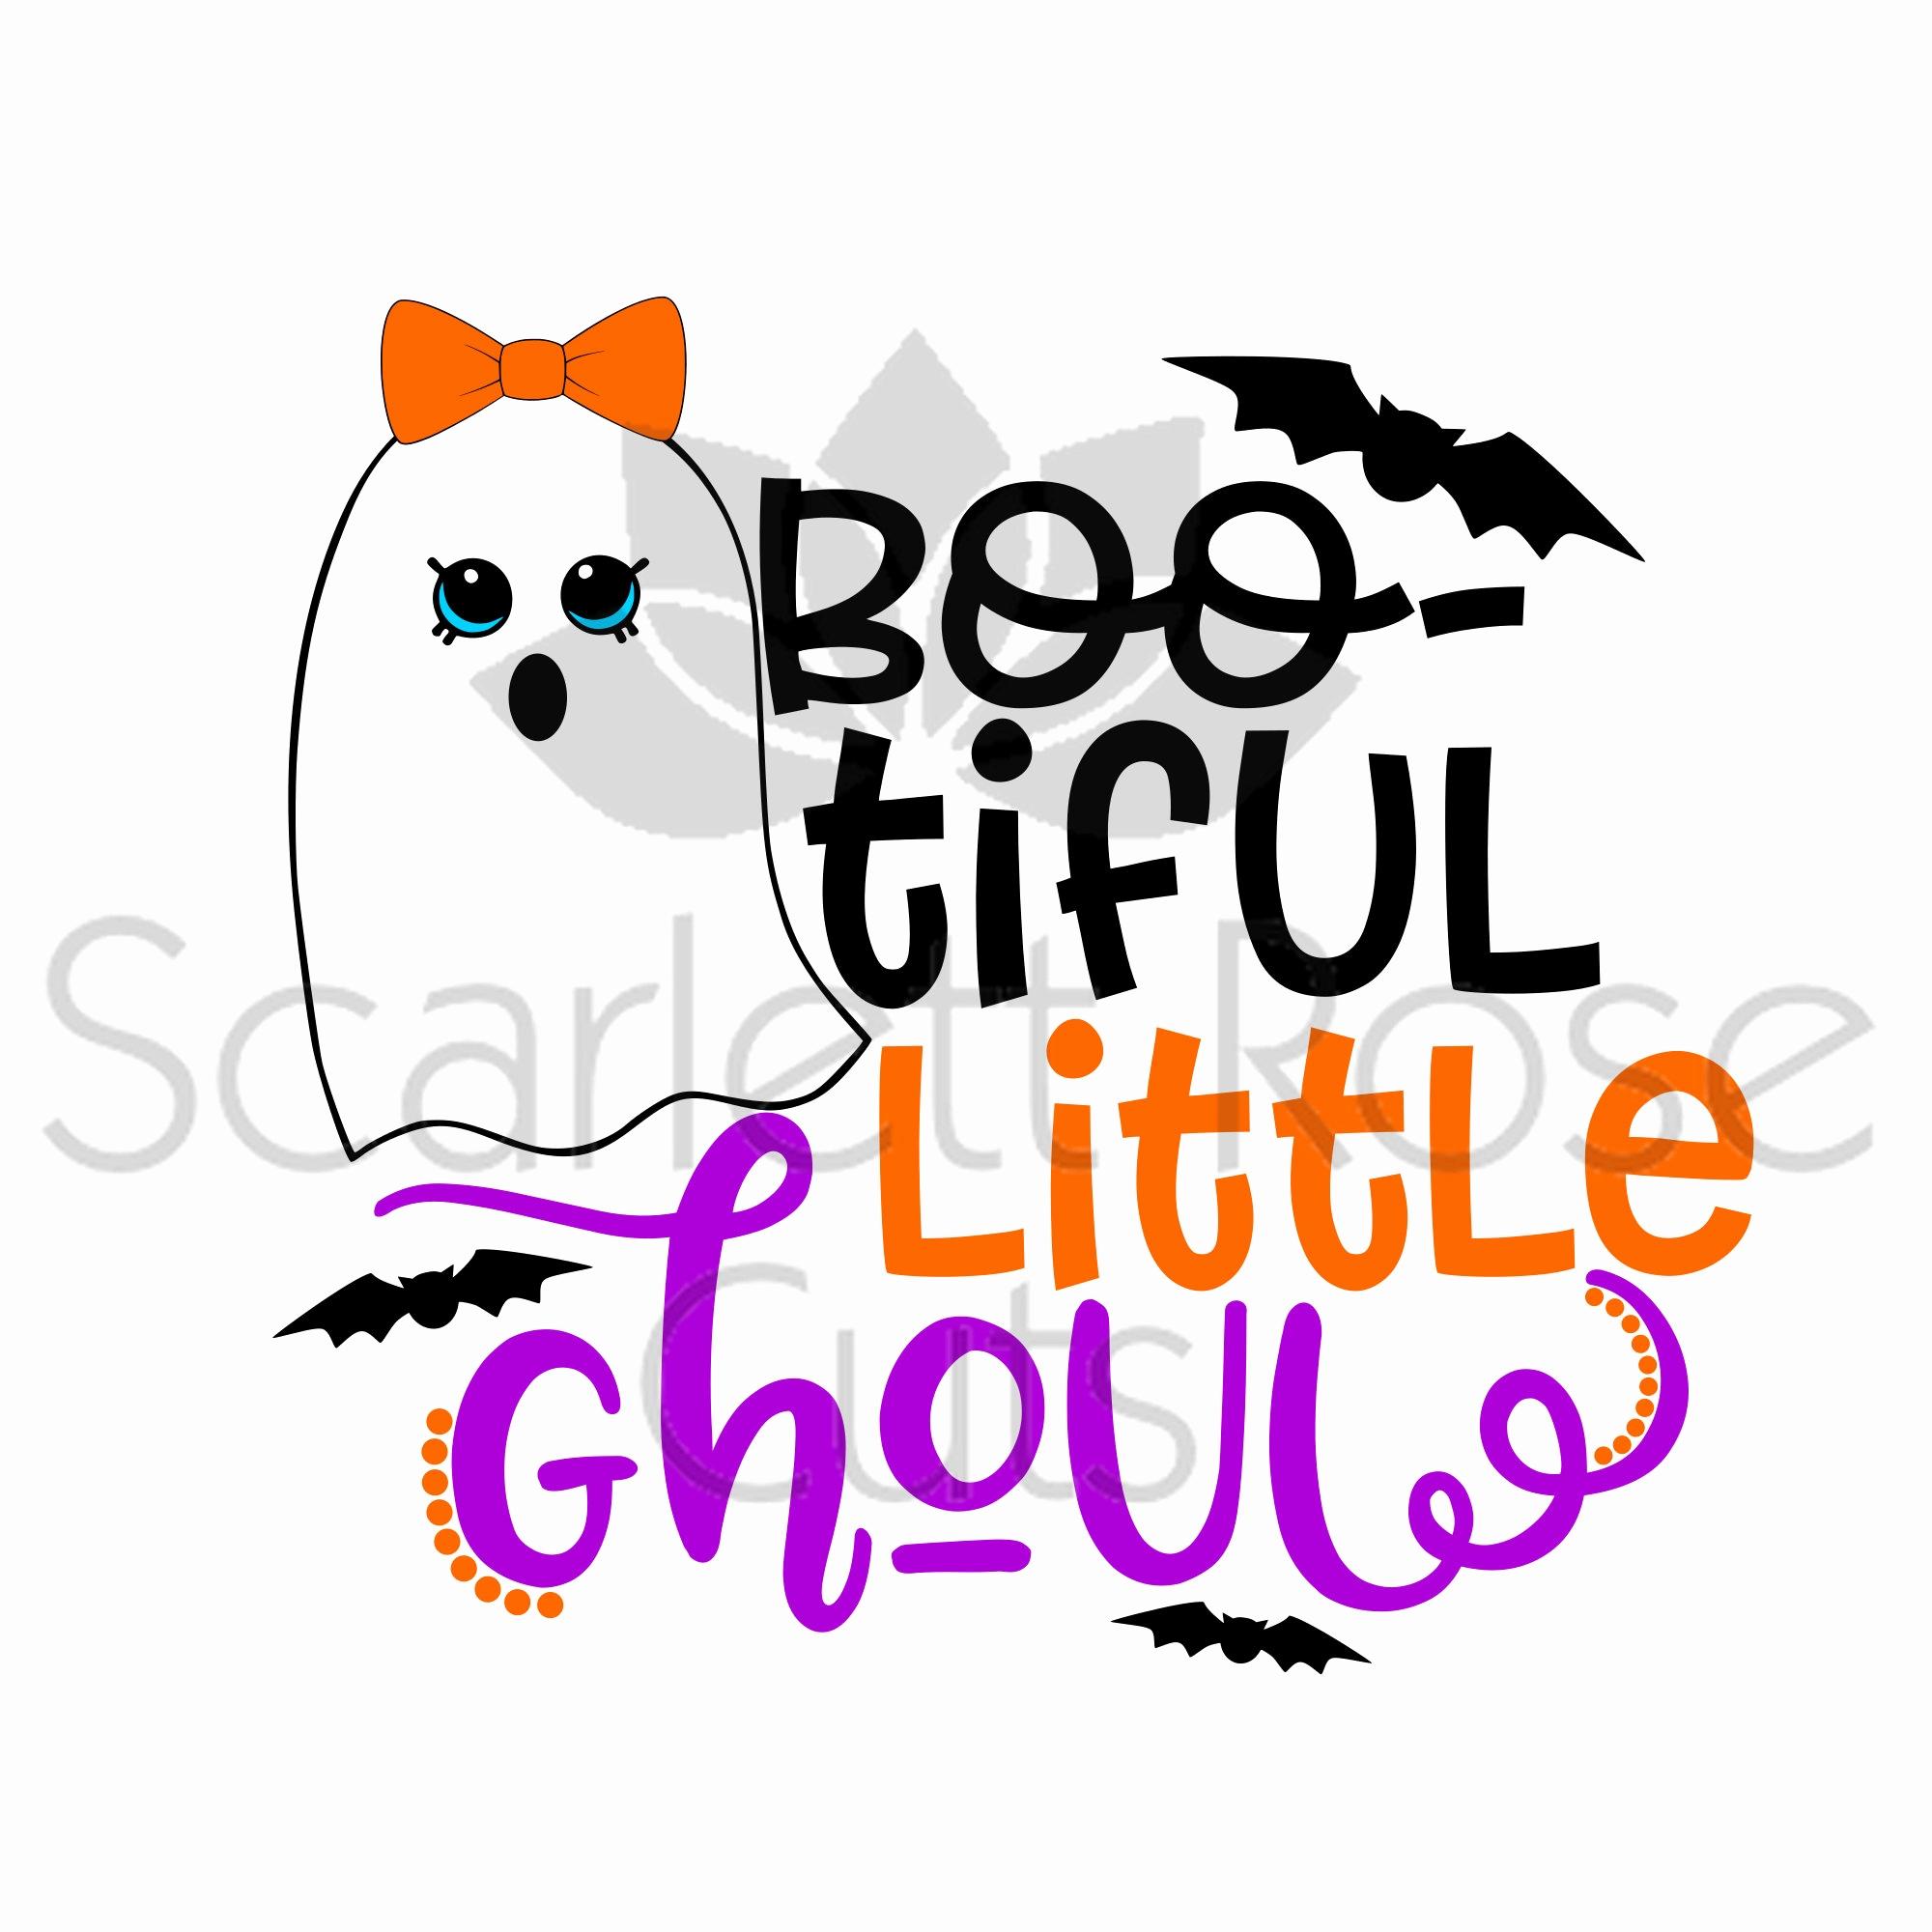 2000x2000 Clipart Halloween Lovely Shoe And Leg Clip Art Halloween 1 Clipart